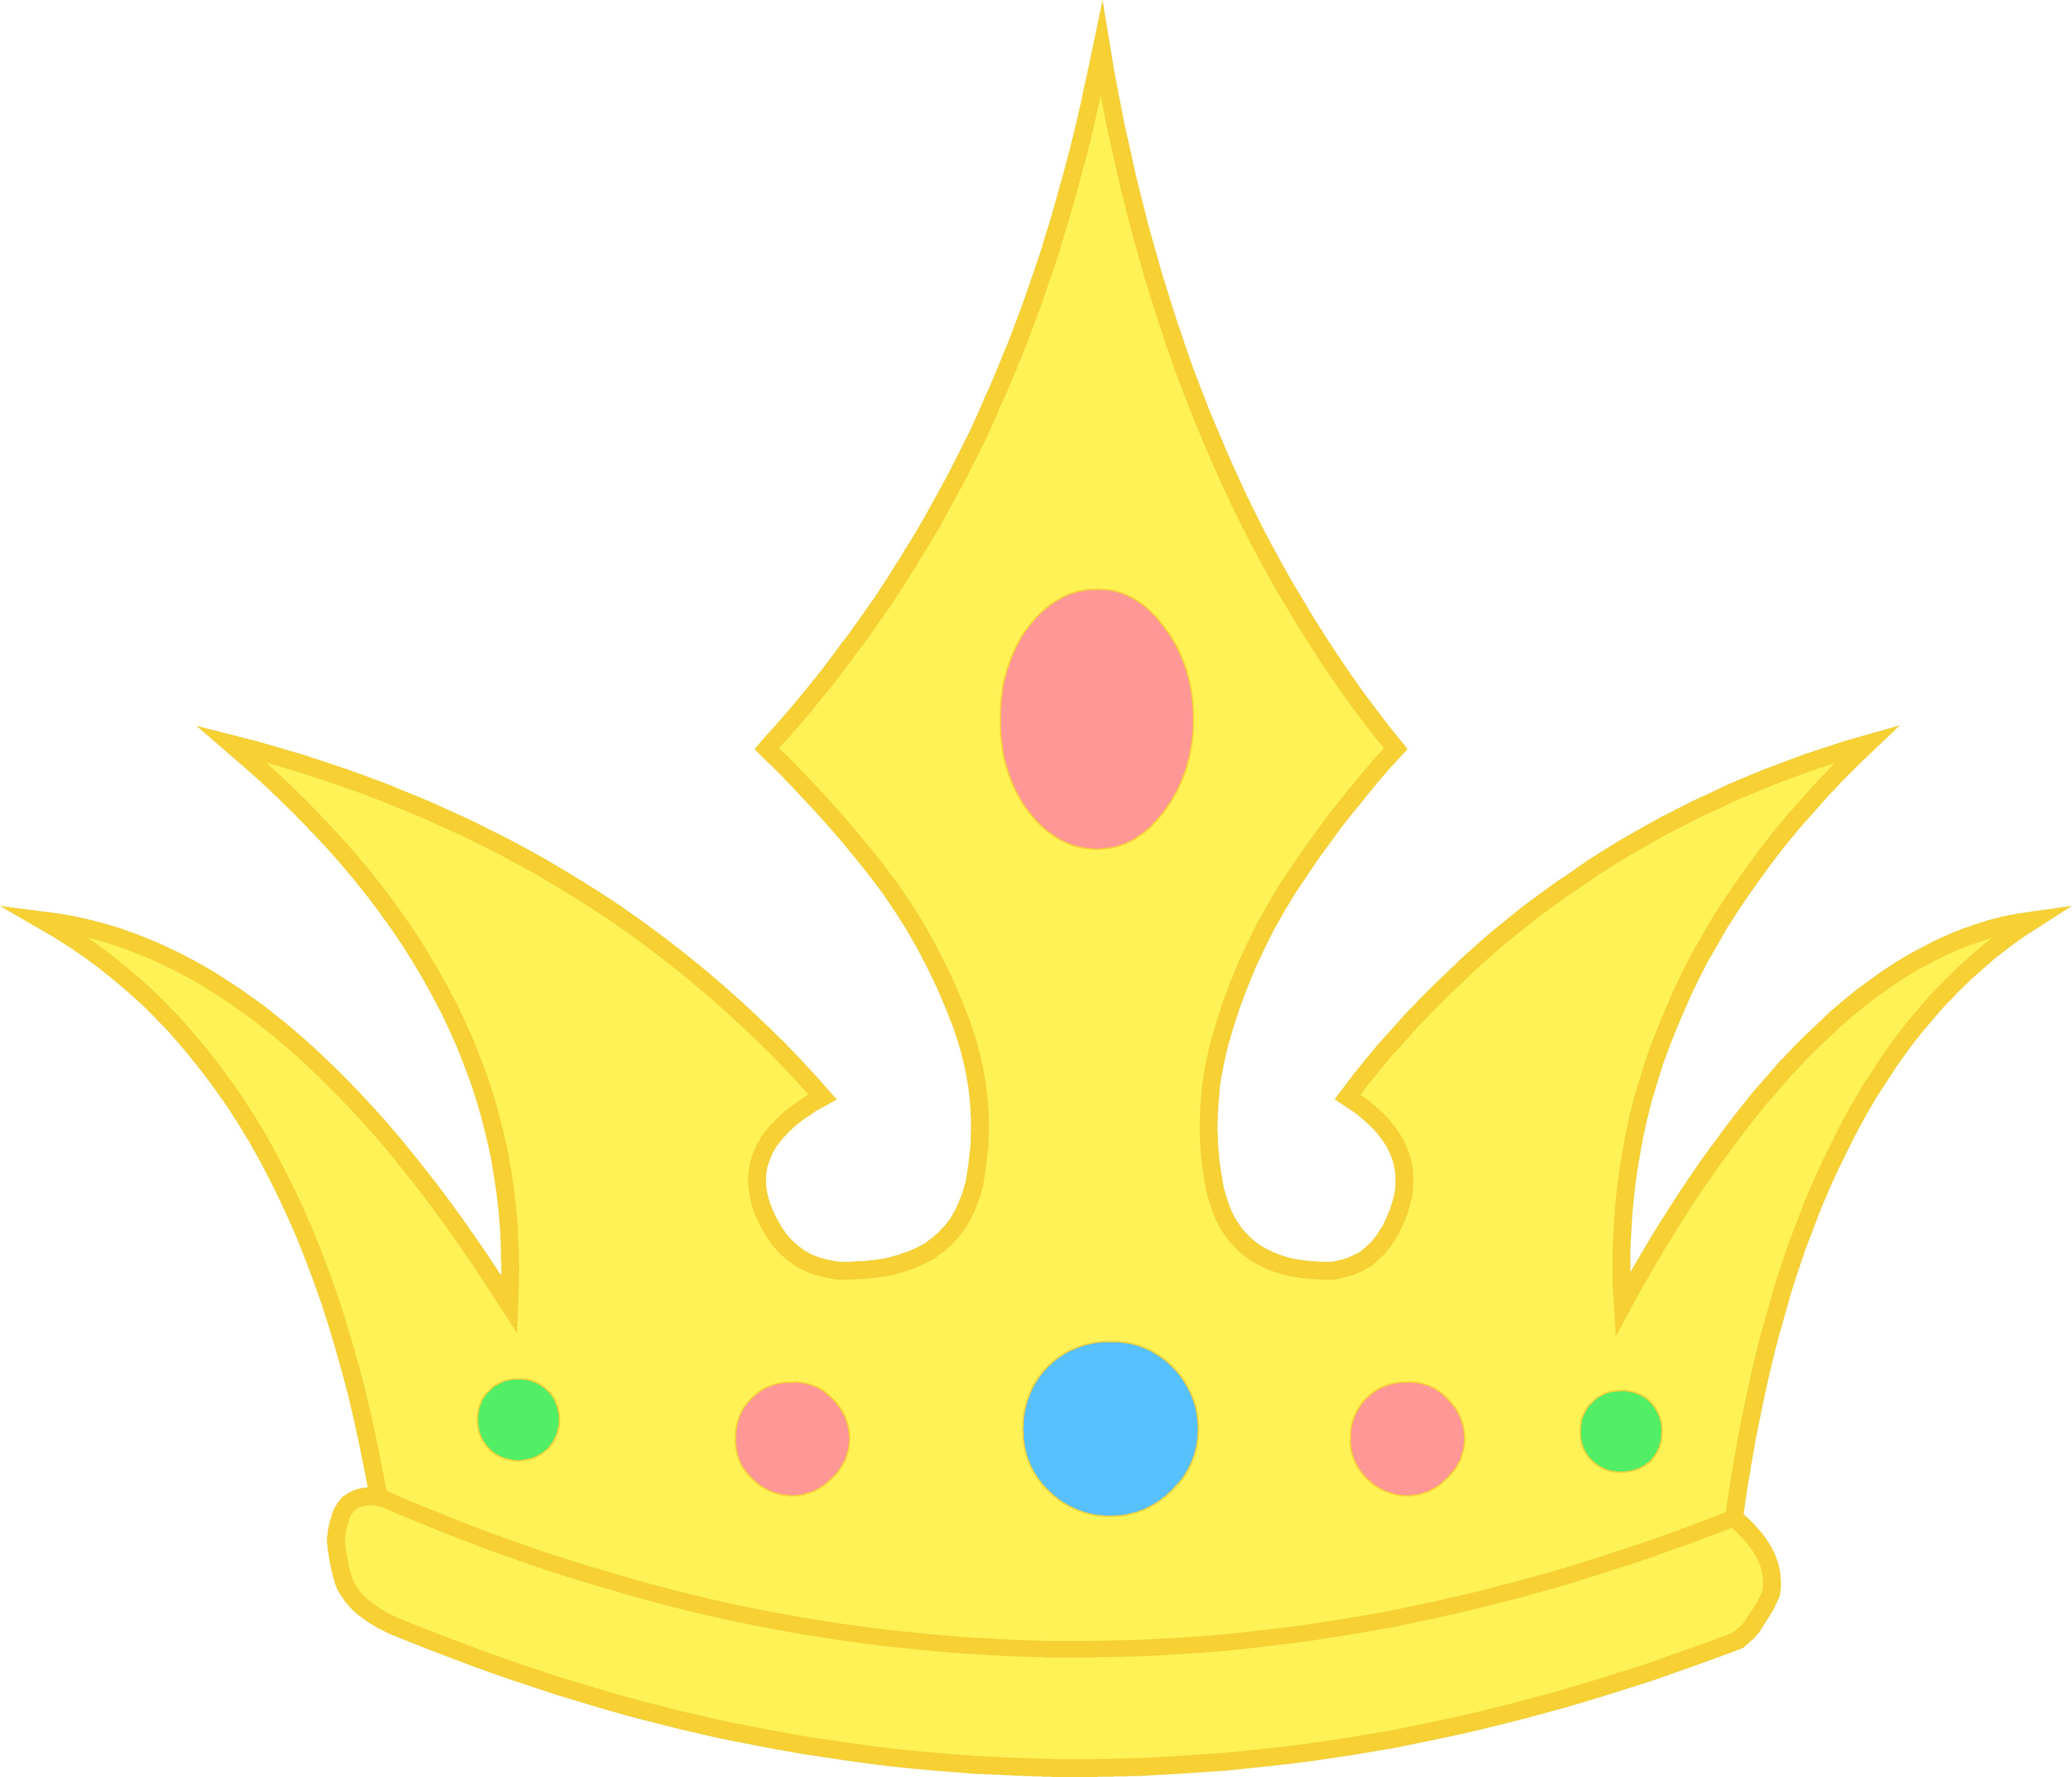 6278x5384 Cute Simple Pastel Crown